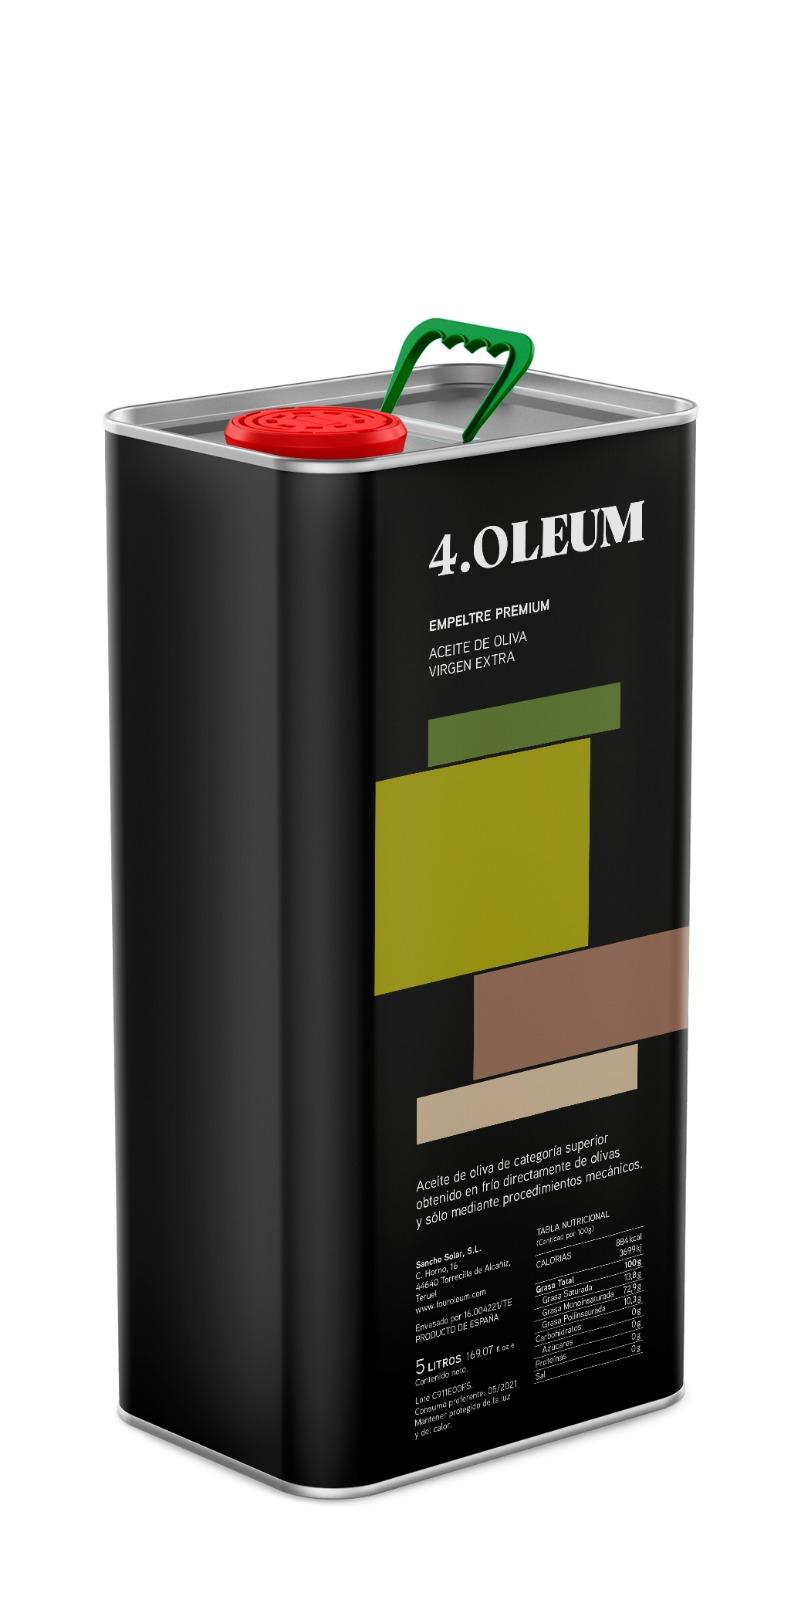 4.Oleum Aceite de Oliva Virgen Extra variedad Empeltre Denominación de Origen Bajo Aragón